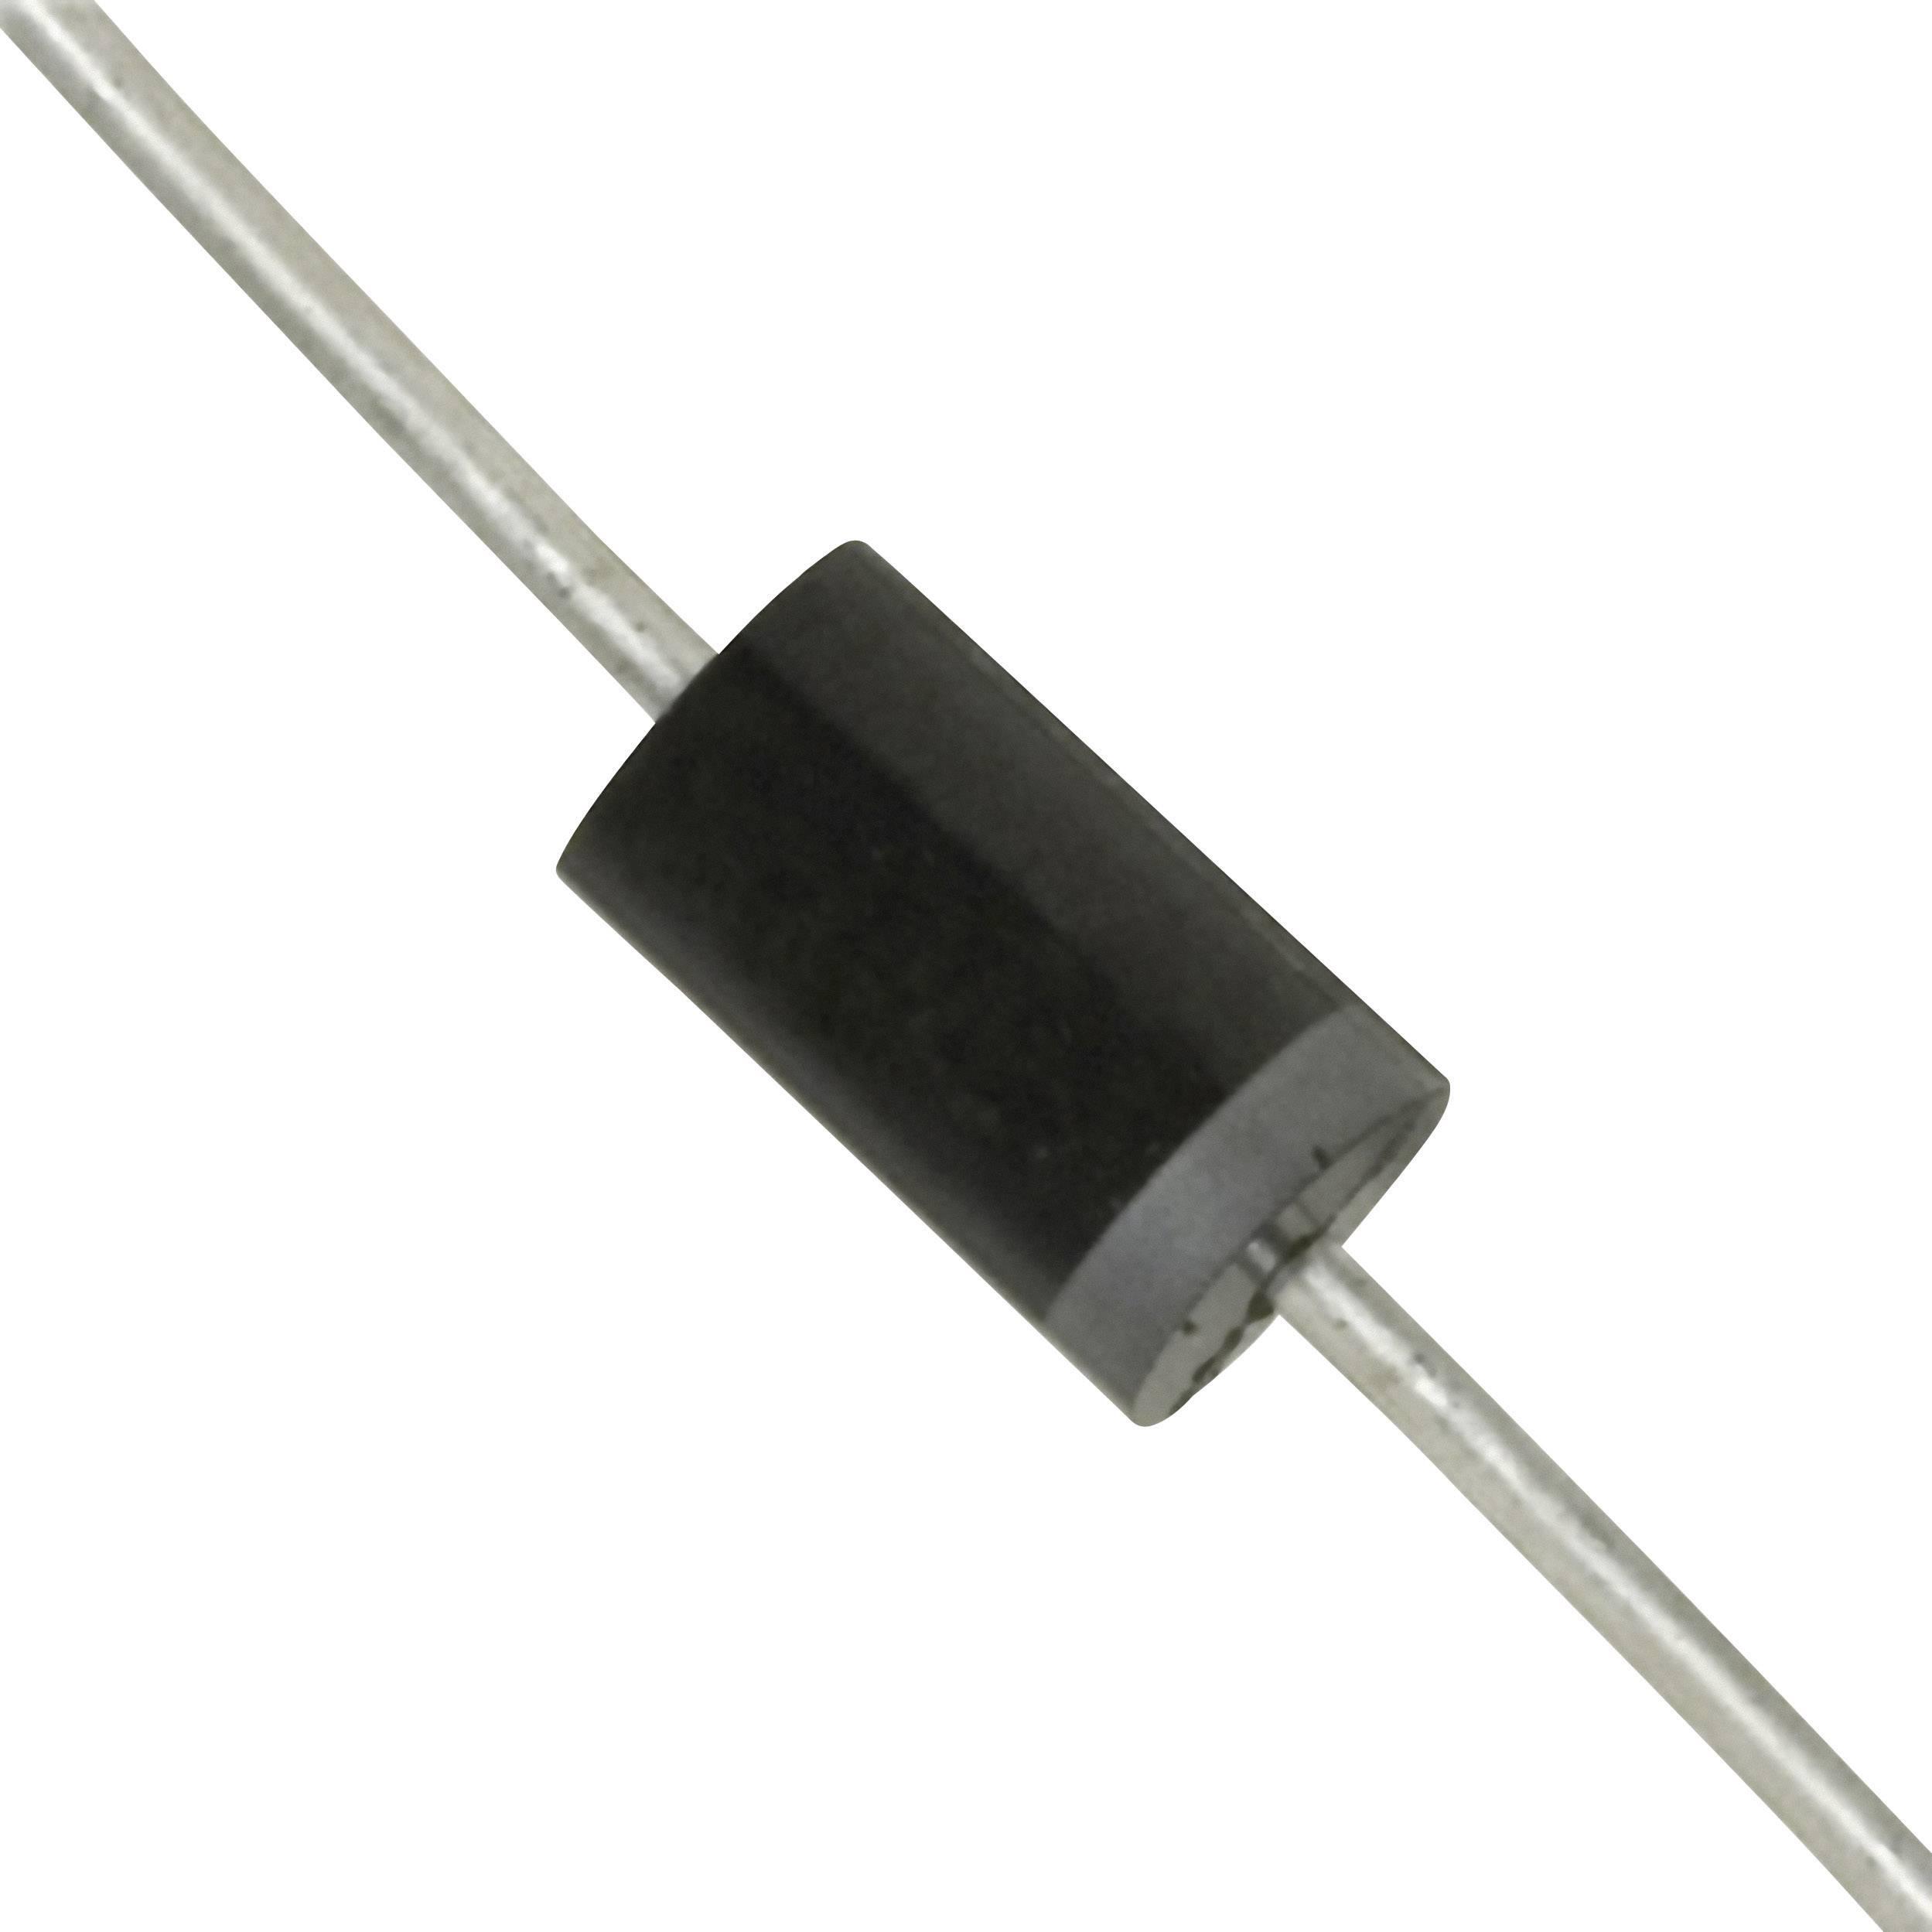 Zenerova dioda Diotec ZPD 3,9 V, 500 mW, DO 35 P